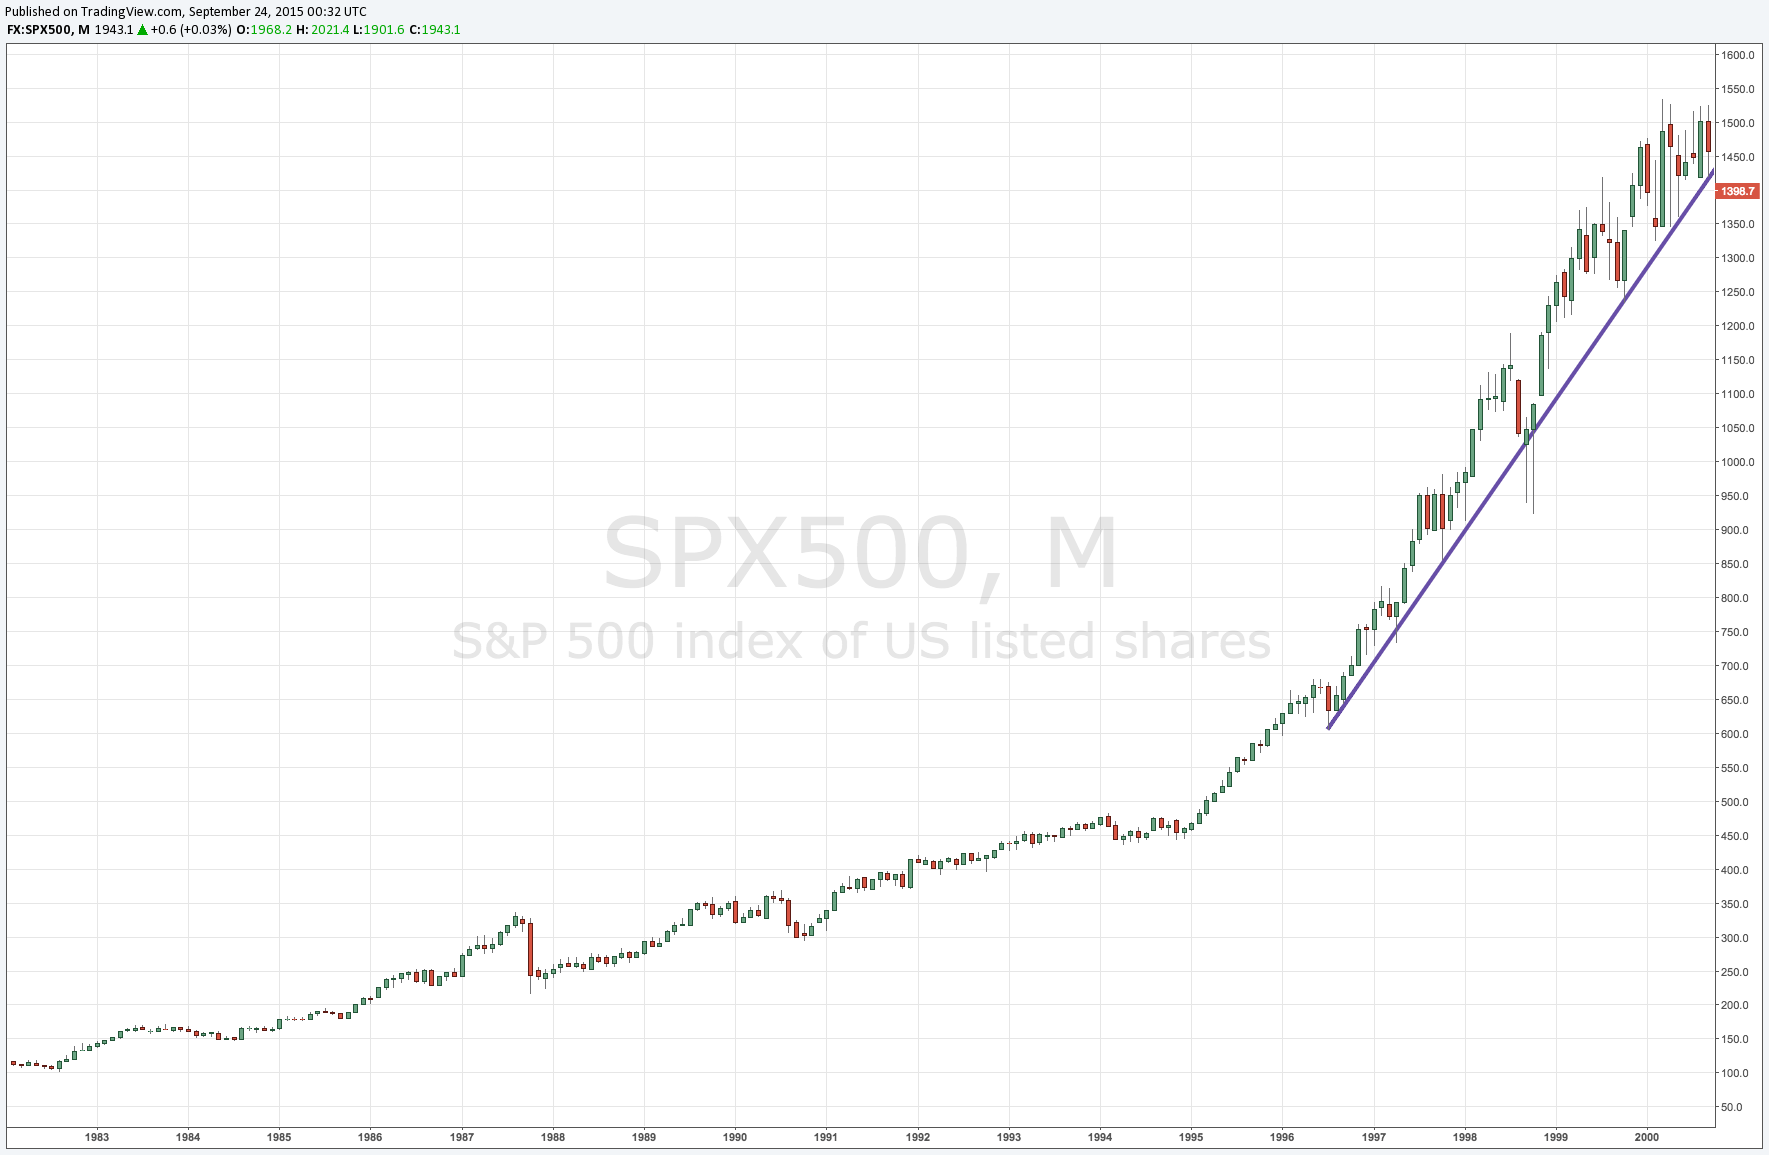 SPX 1996-2000